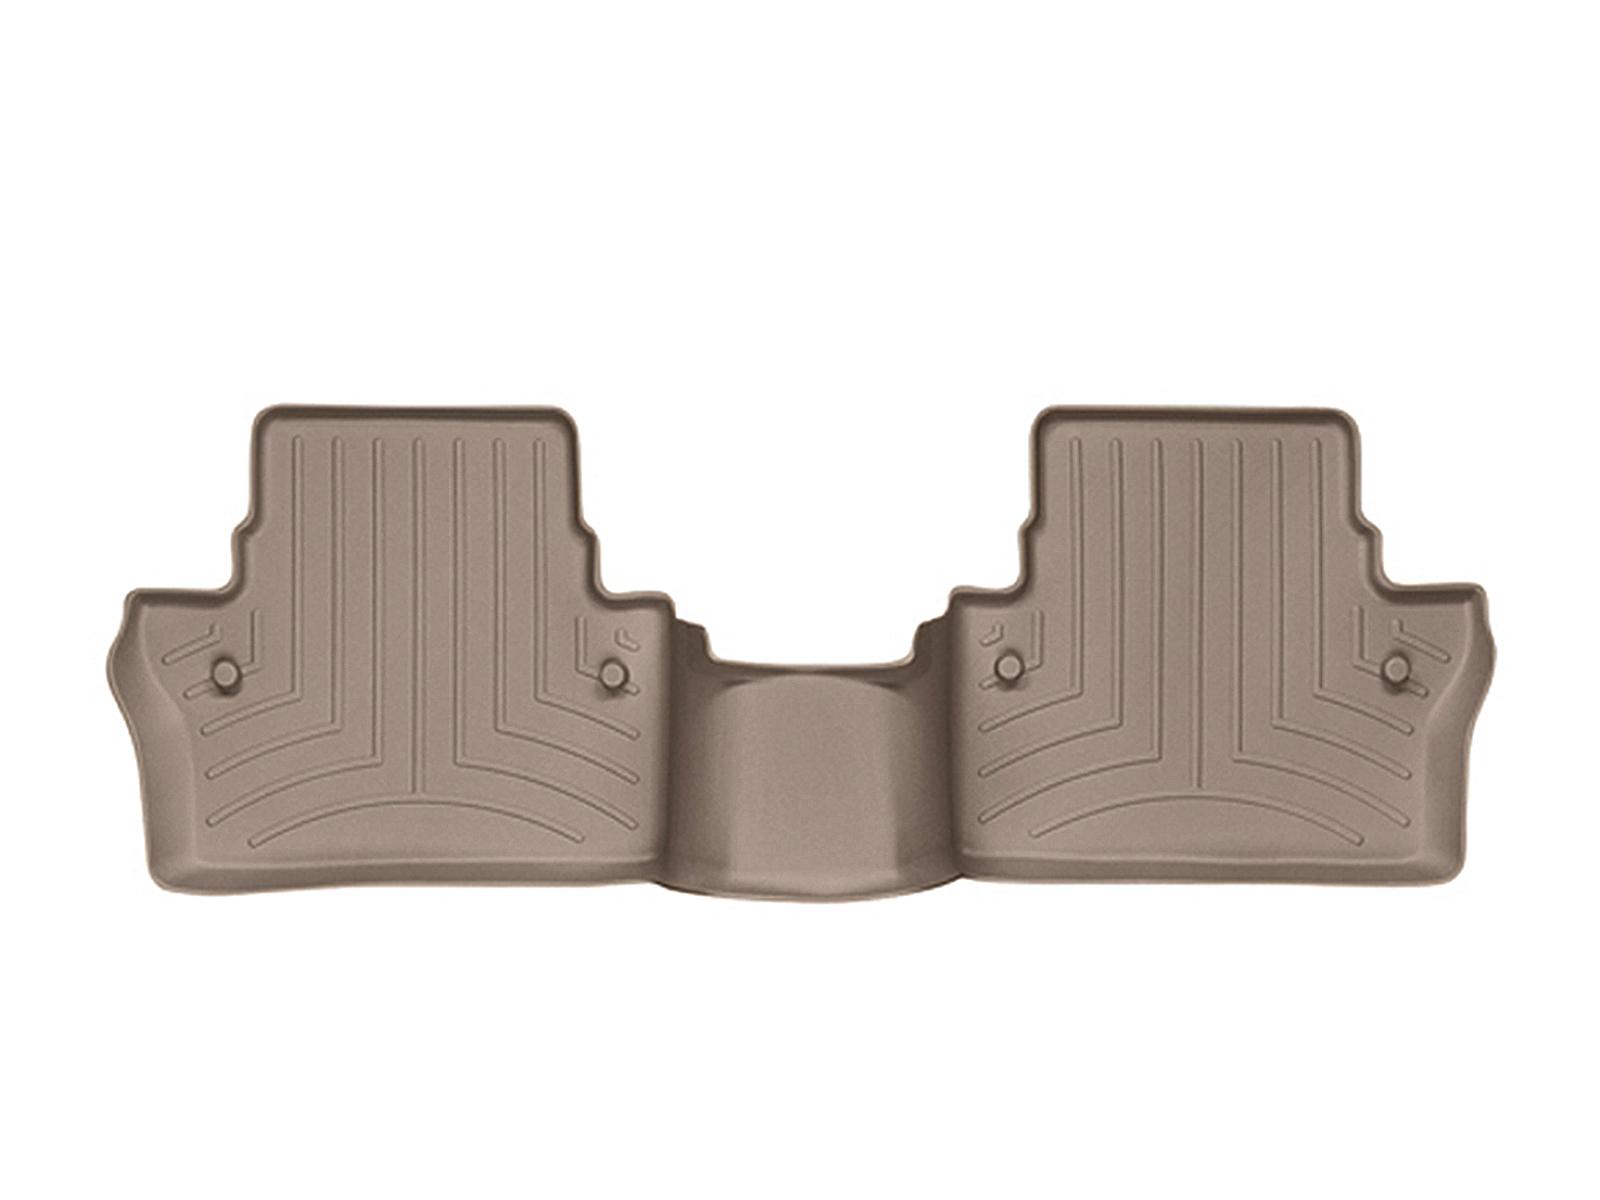 Tappeti gomma su misura bordo alto Volvo XC70 08>17 Marrone A4434*